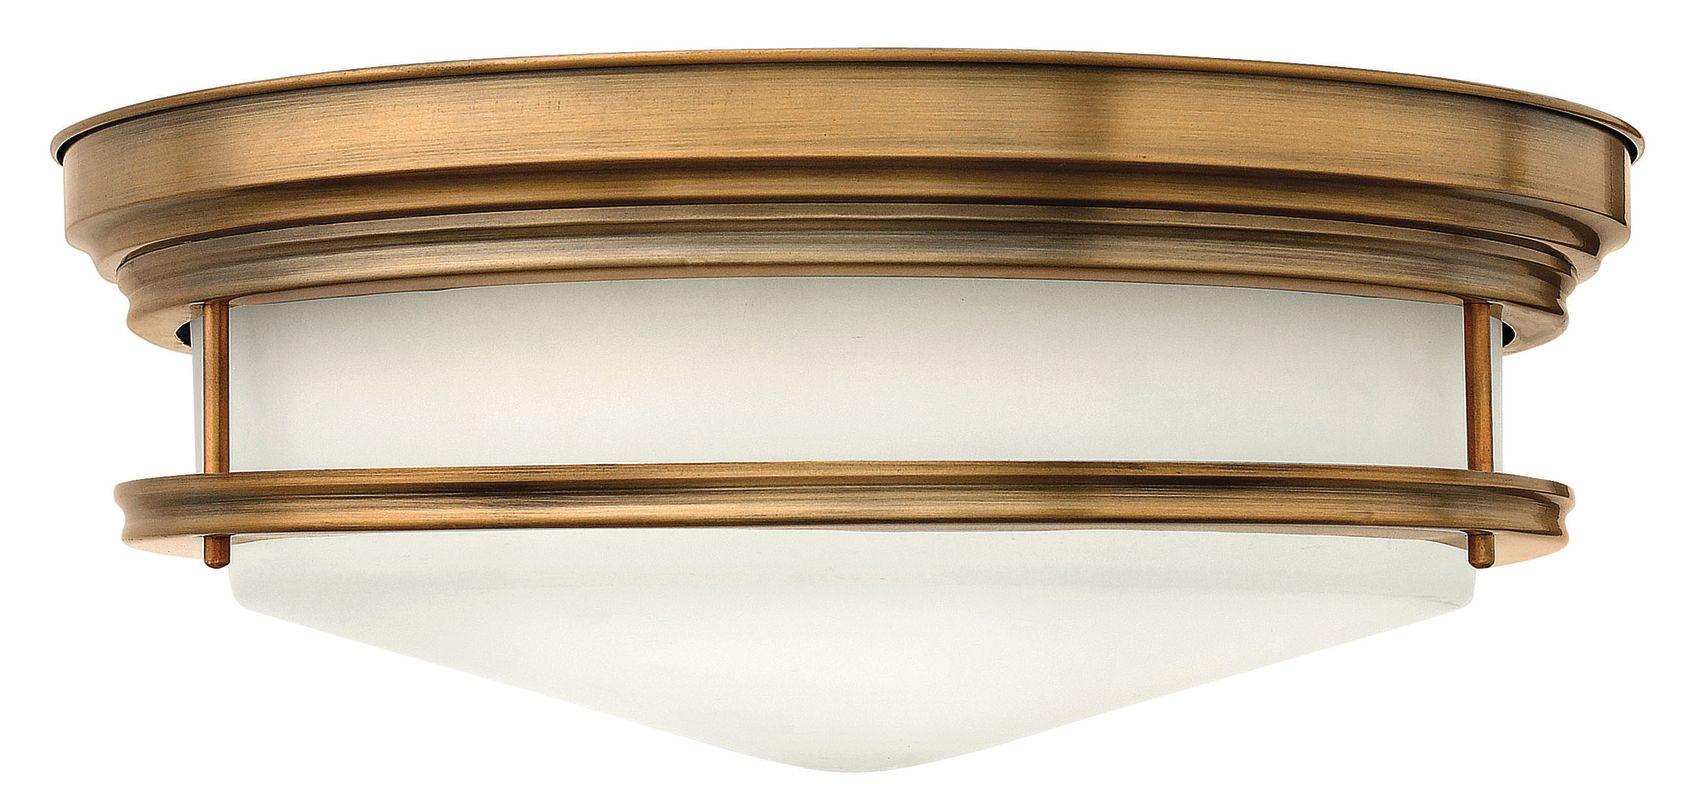 Hinkley Lighting 3304-GU24 4 Light Title 24 Fluorescent Flush Mount Sale $489.00 ITEM#: 2635258 MODEL# :3304BR-GU24 UPC#: 640665330625 :